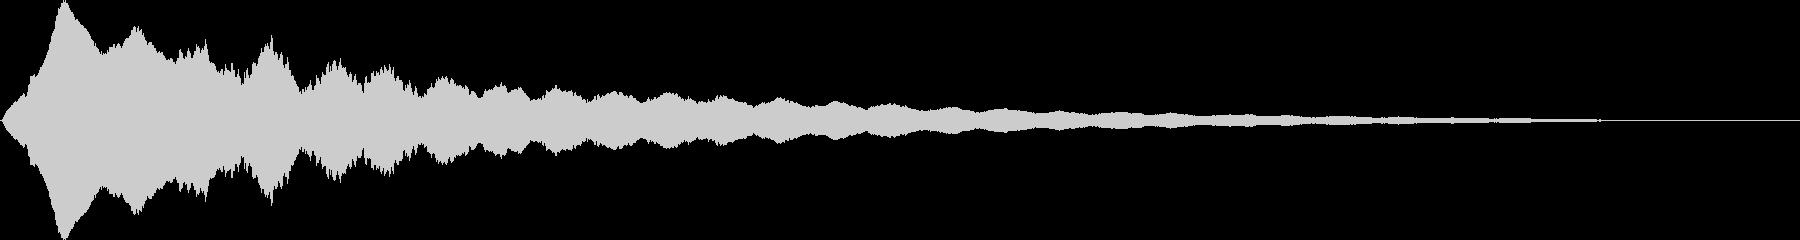 輝く/光る/キュイン/キュピン/02の未再生の波形